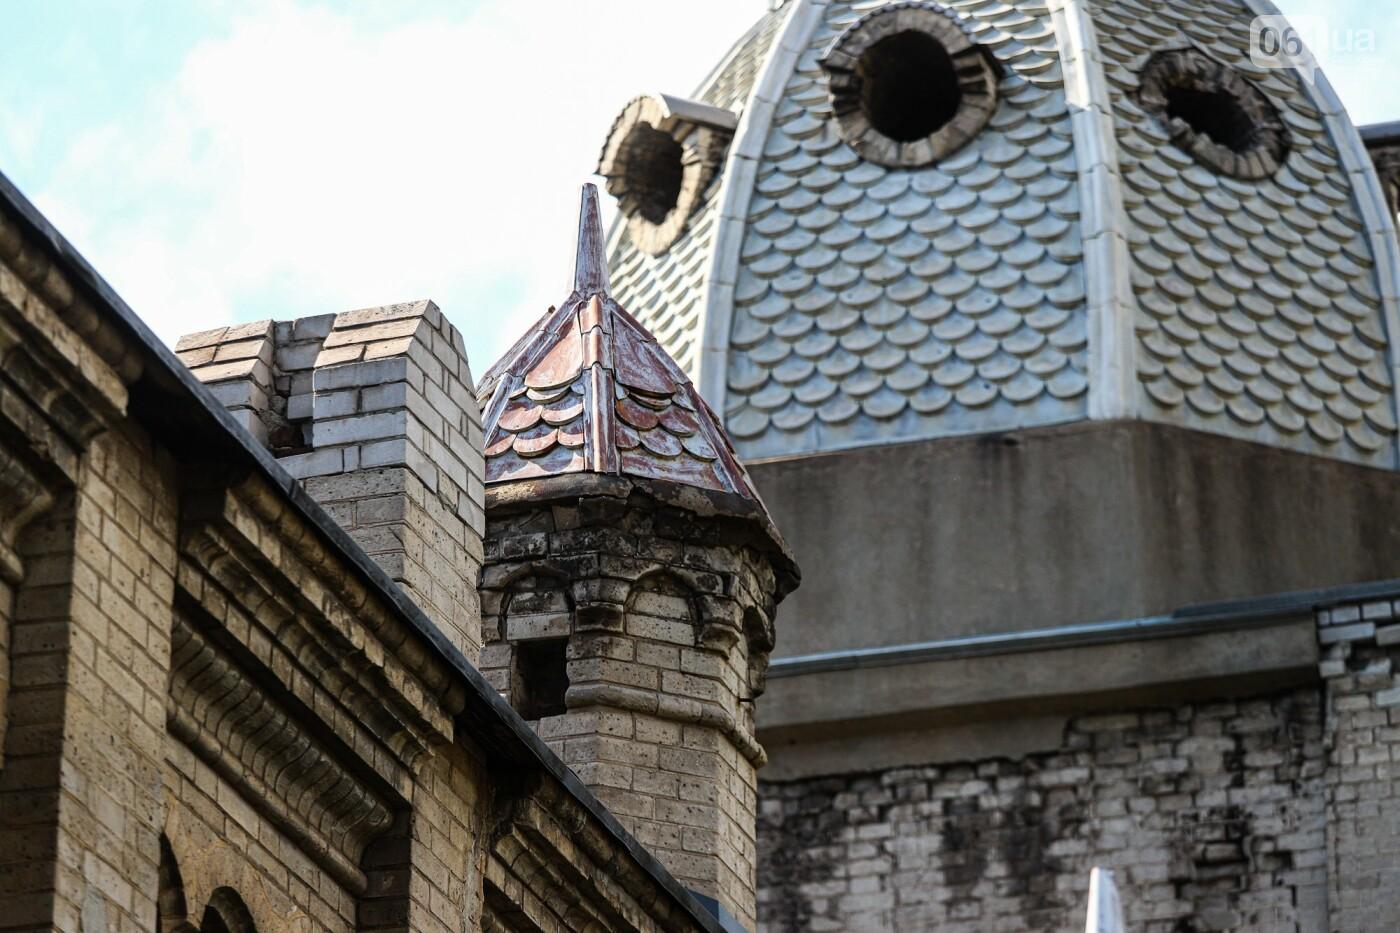 Памятники Старого Александровска: как сейчас выглядит здание первой в городе электростанции, - ФОТО, фото-18